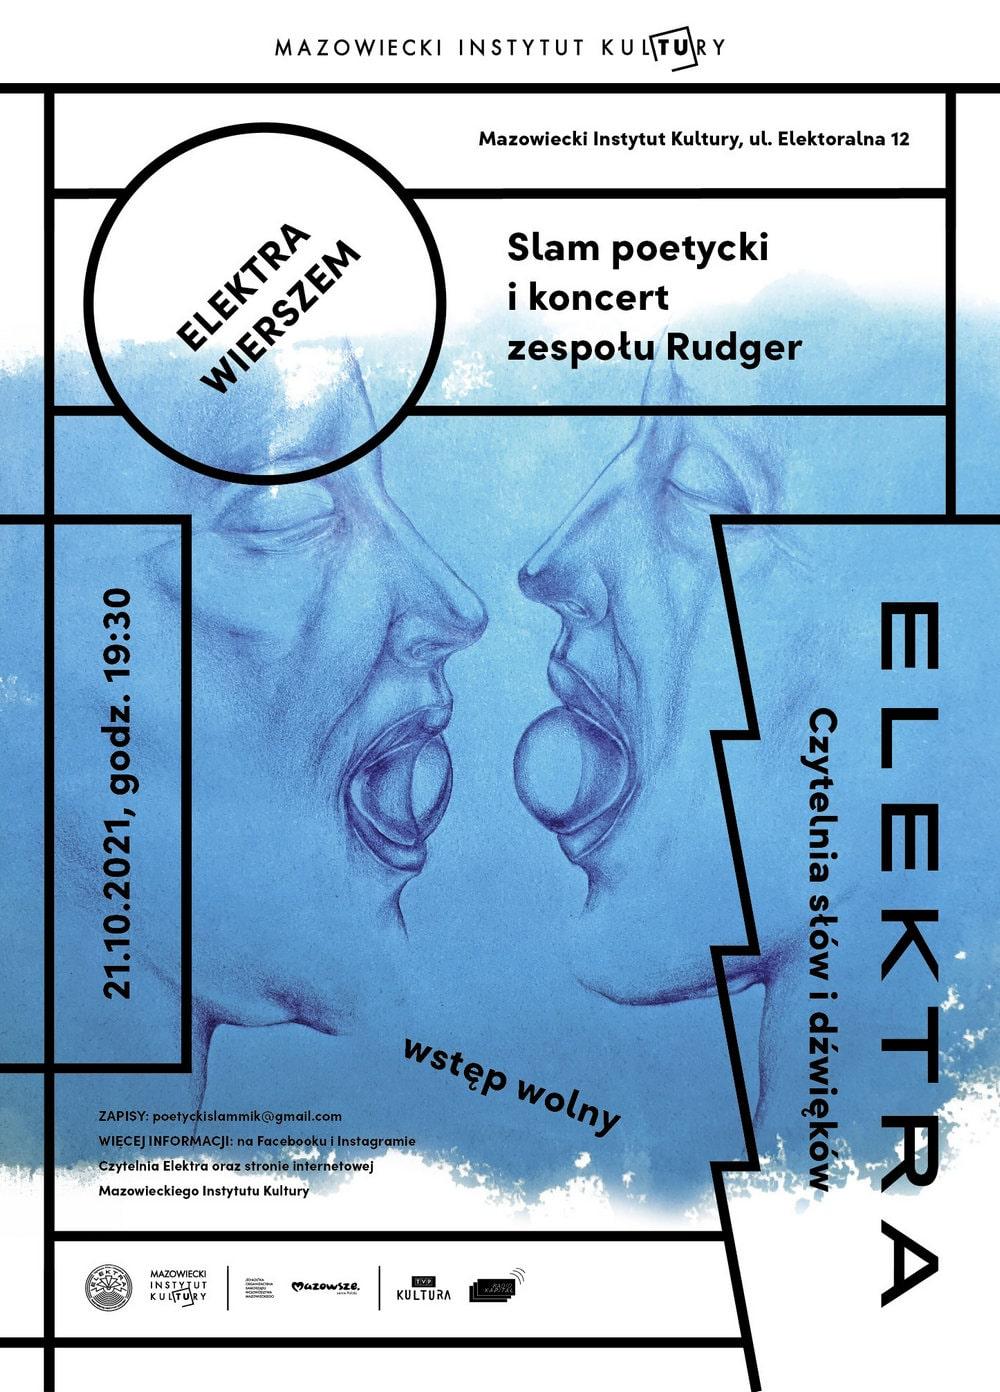 grafika: plakat, na niebieskim tle przedstawiającym profile ludzkich postaci napis slam poetycki